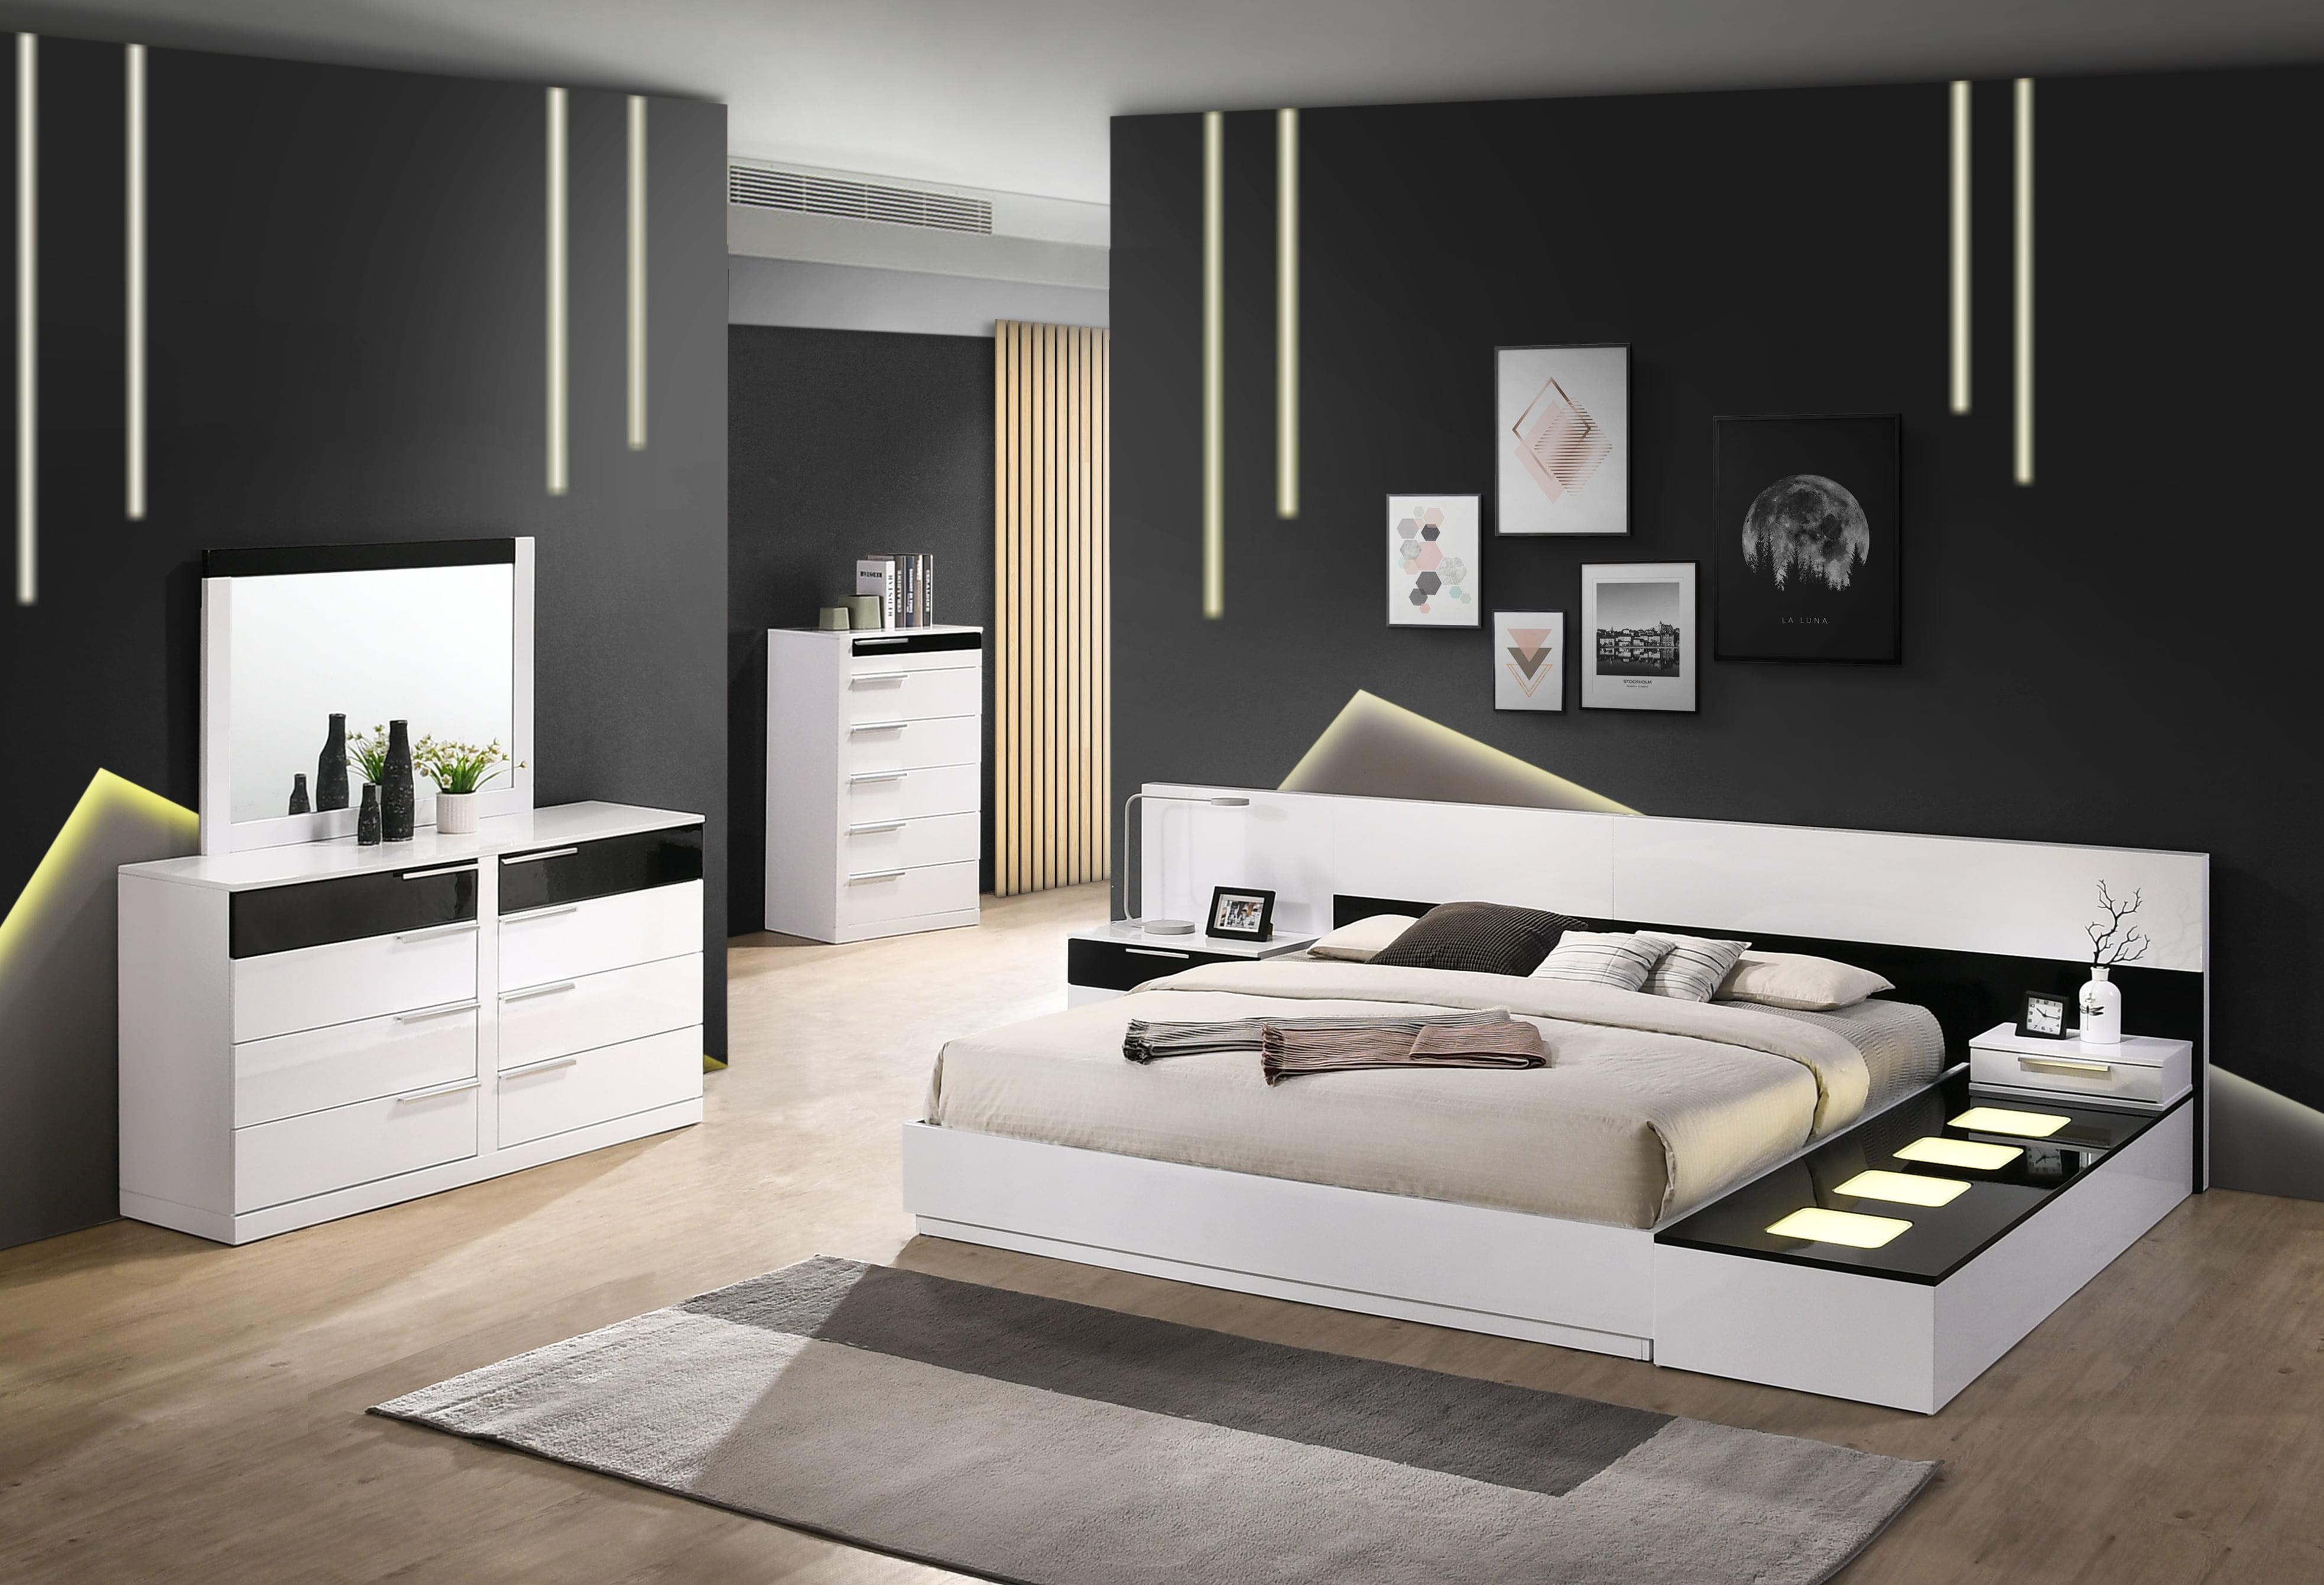 Best Master Furniture Bahamas 6 Pcs Cal King Bedroom Set Walmart Com Walmart Com